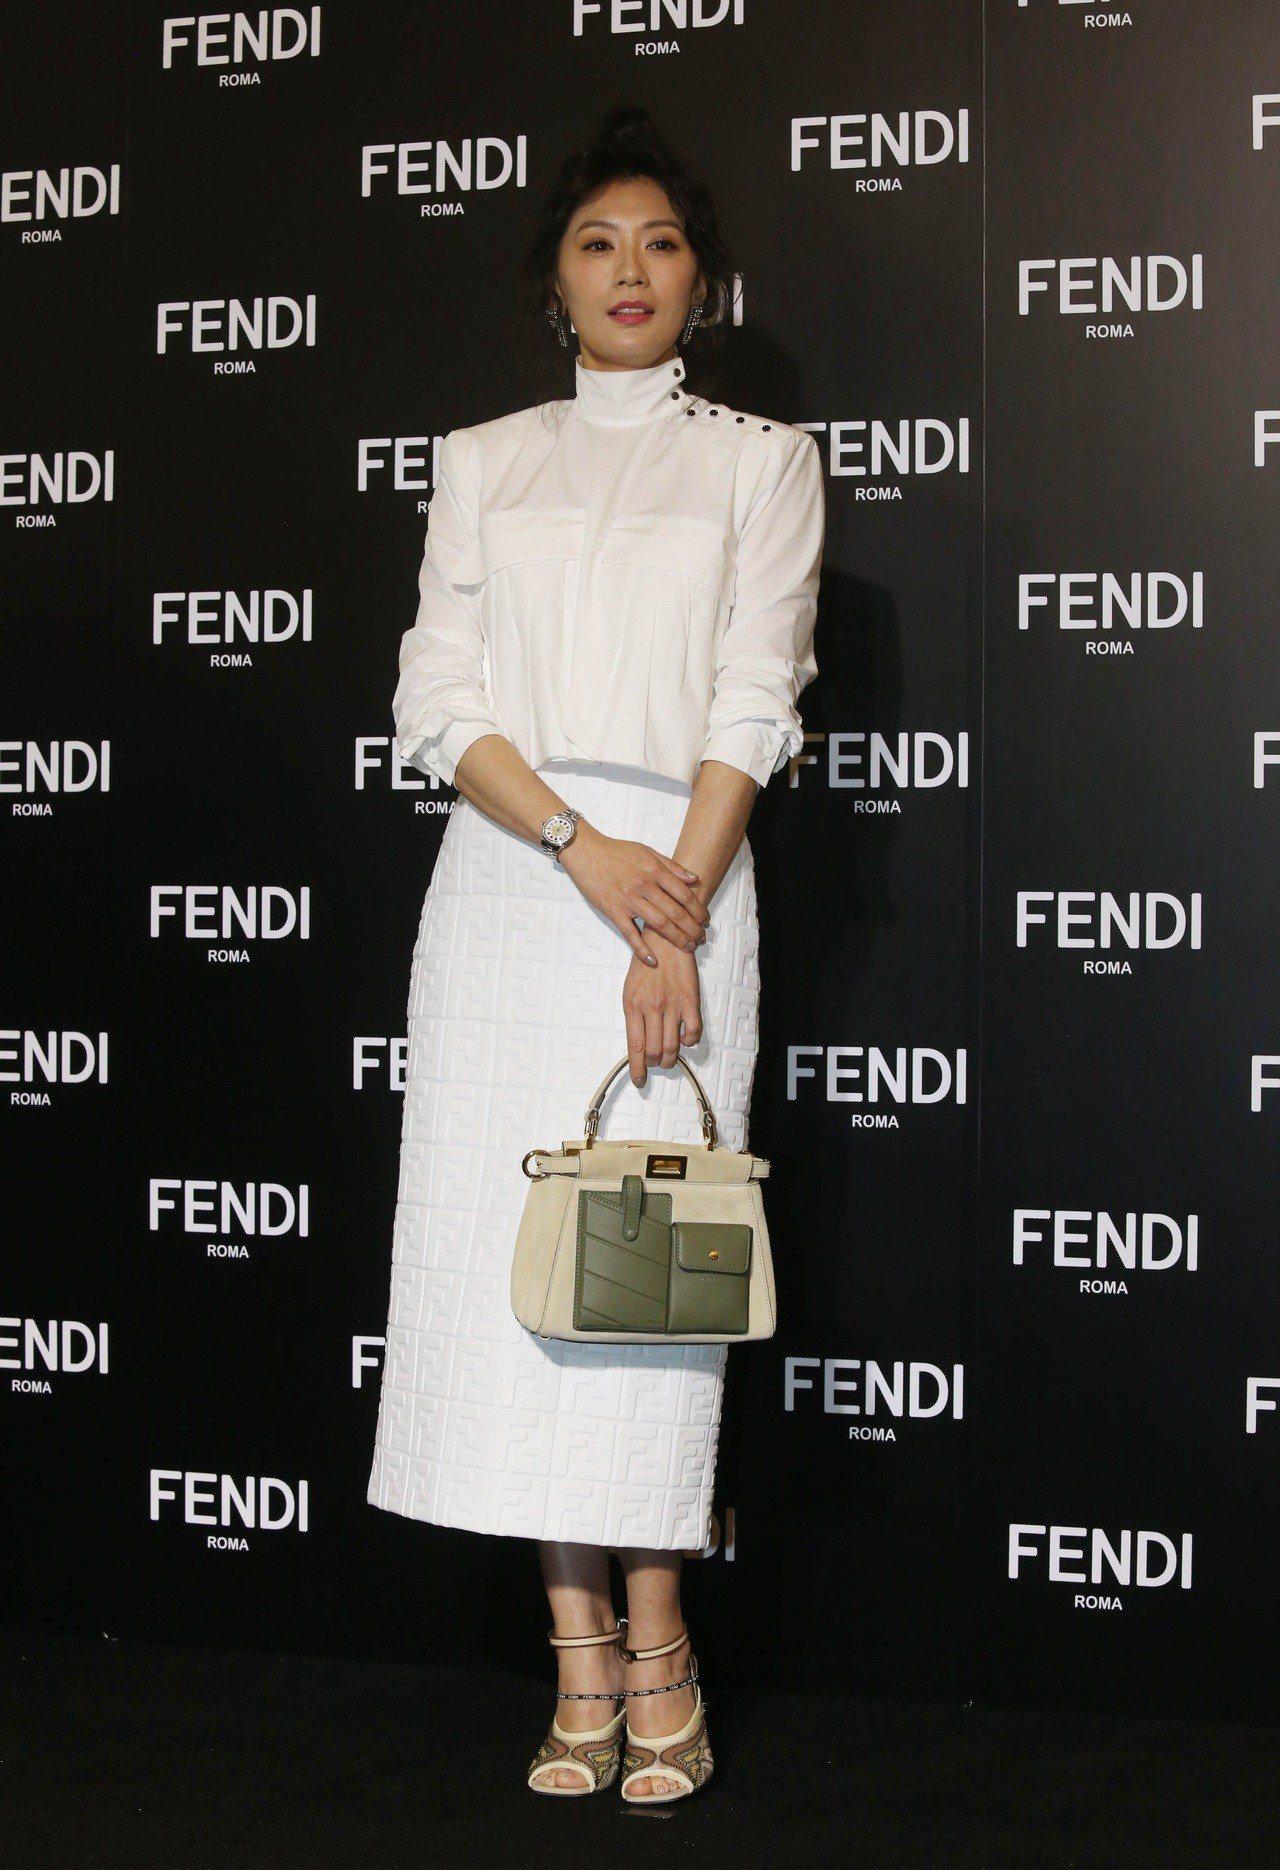 賈靜雯出席FENDI Peekaboo 10周年展覽。圖/FENDI 提供